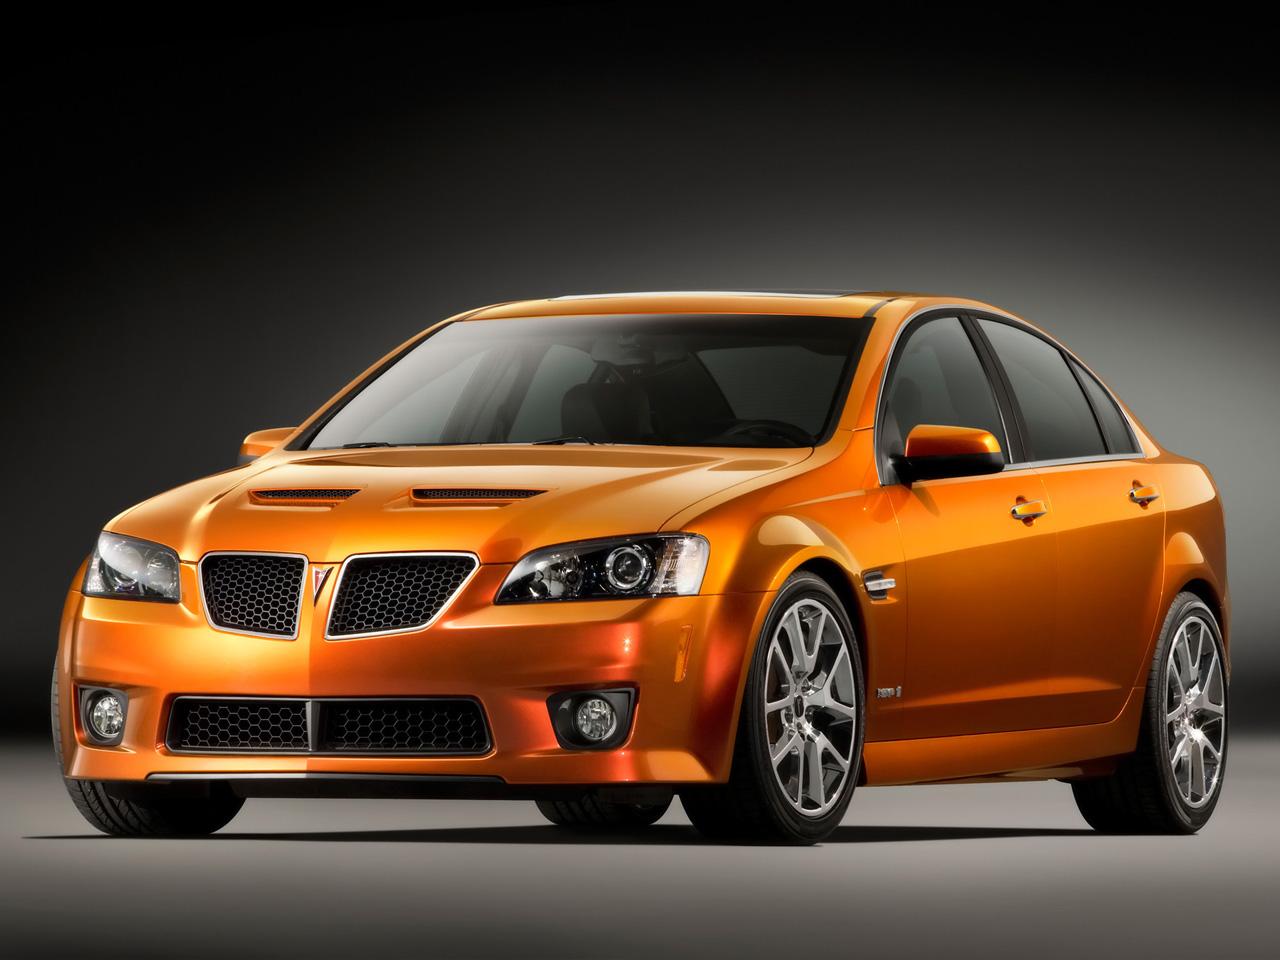 2011 Pontiac G8